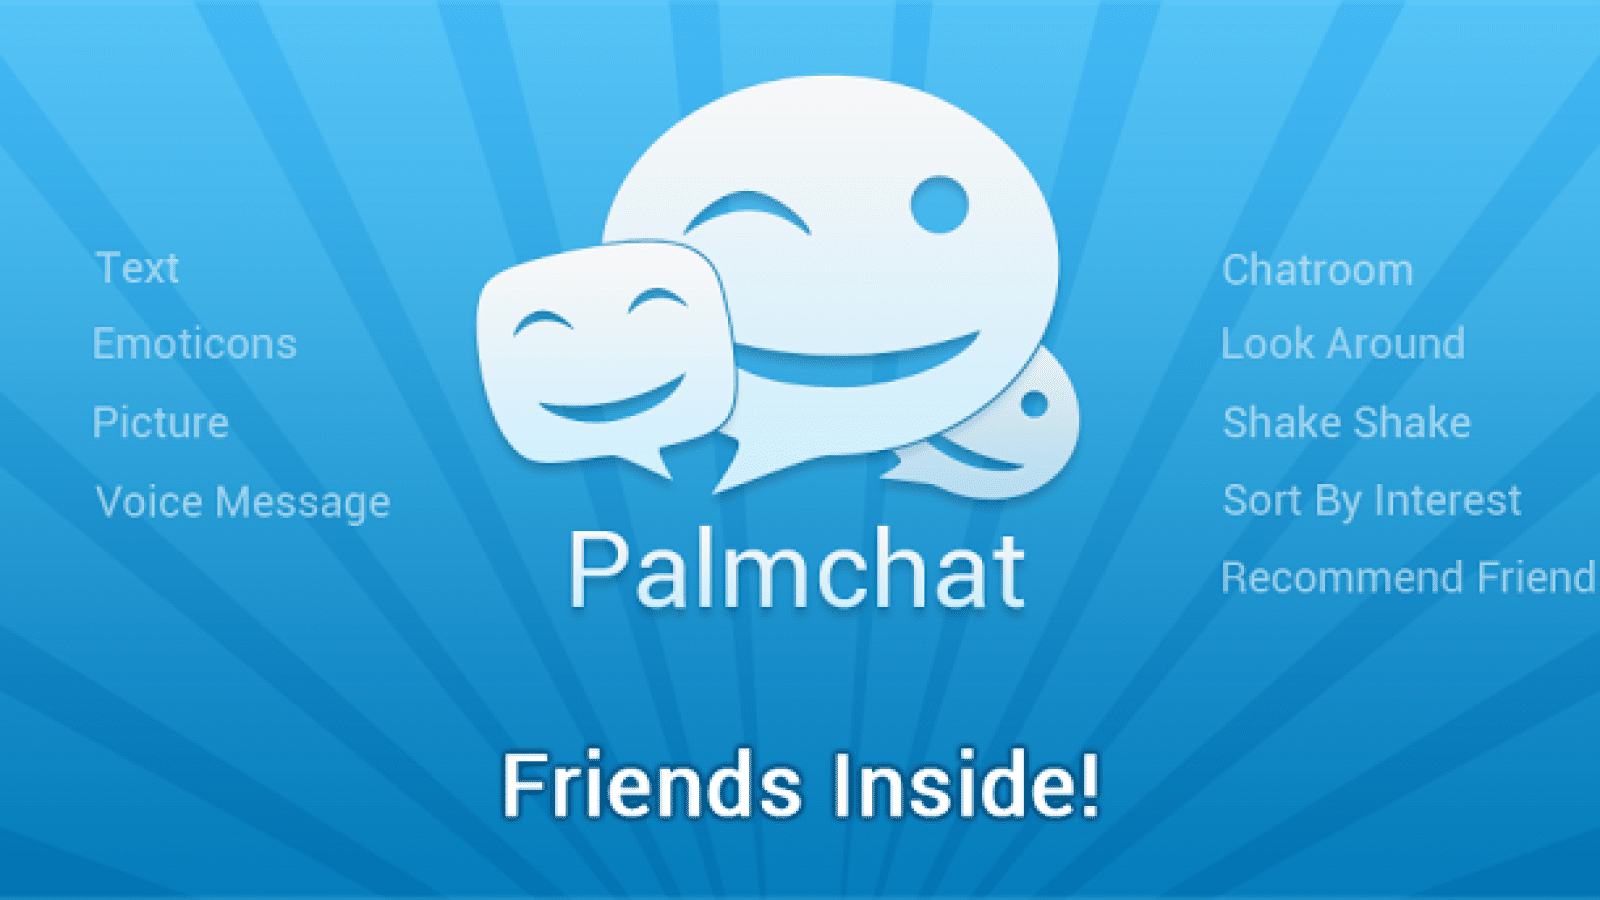 Wwwpalm chatcom